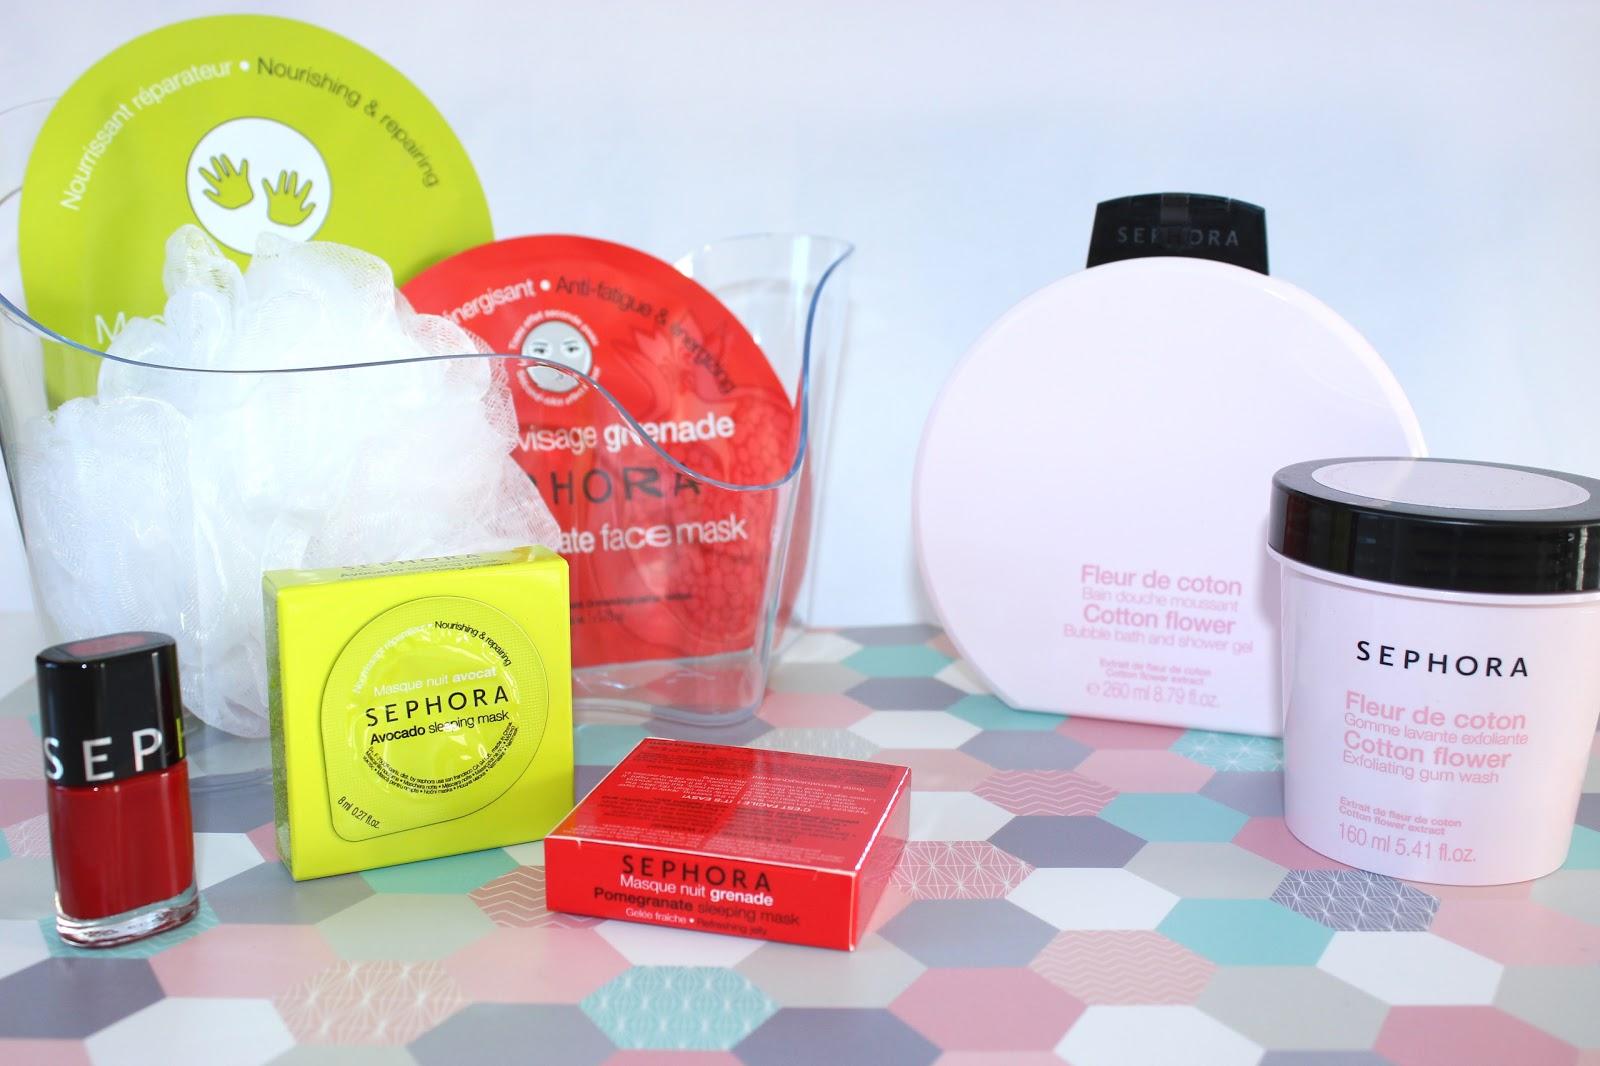 produits pour le corps et masque sephora, rosny 2 les petites bulles de ma vie